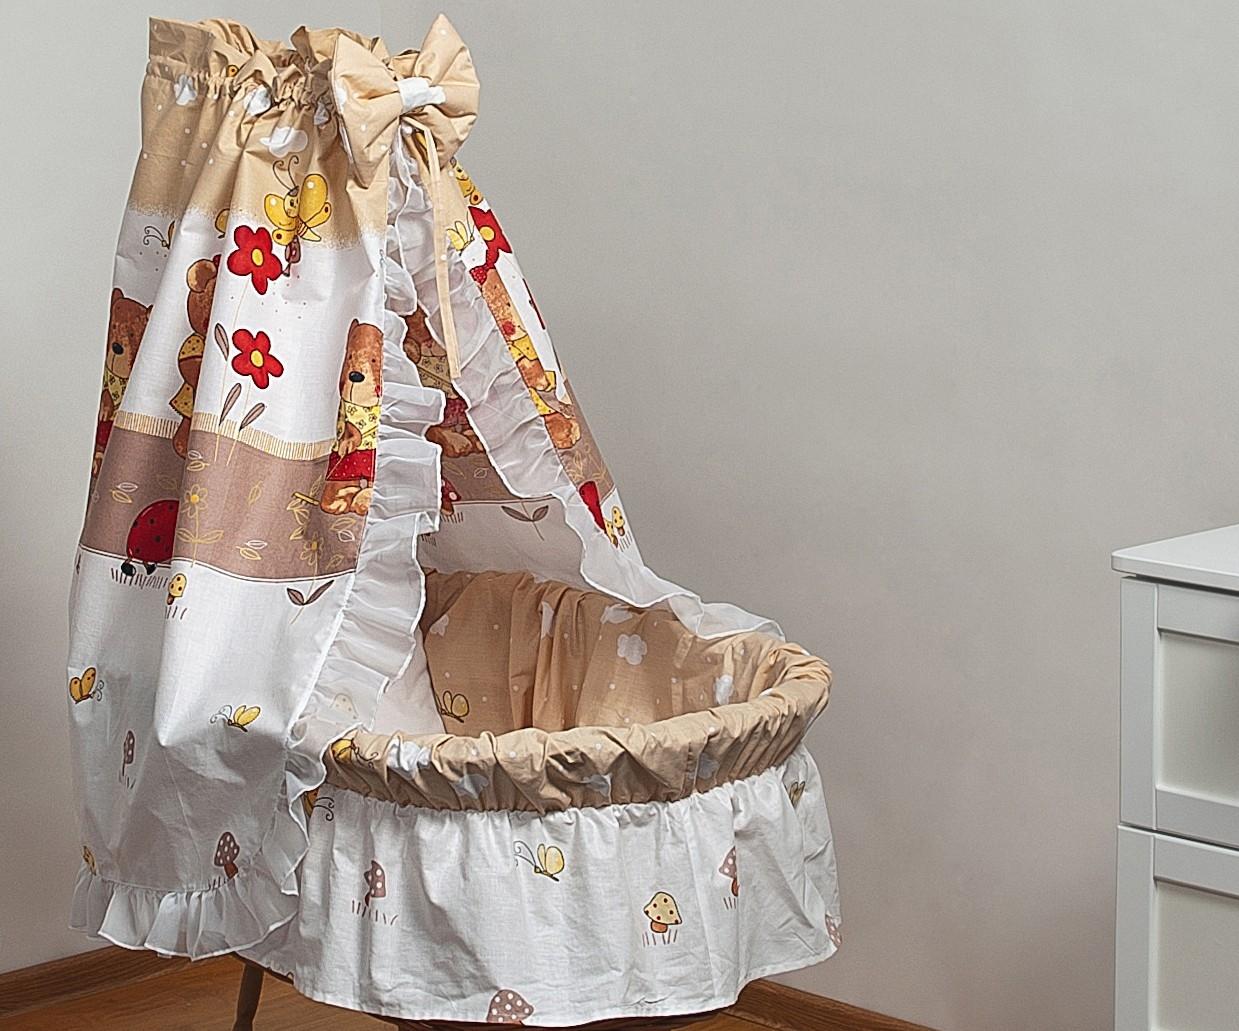 Bettwäsche set für moseskorb babykorb stubenwagen mit baumwolle